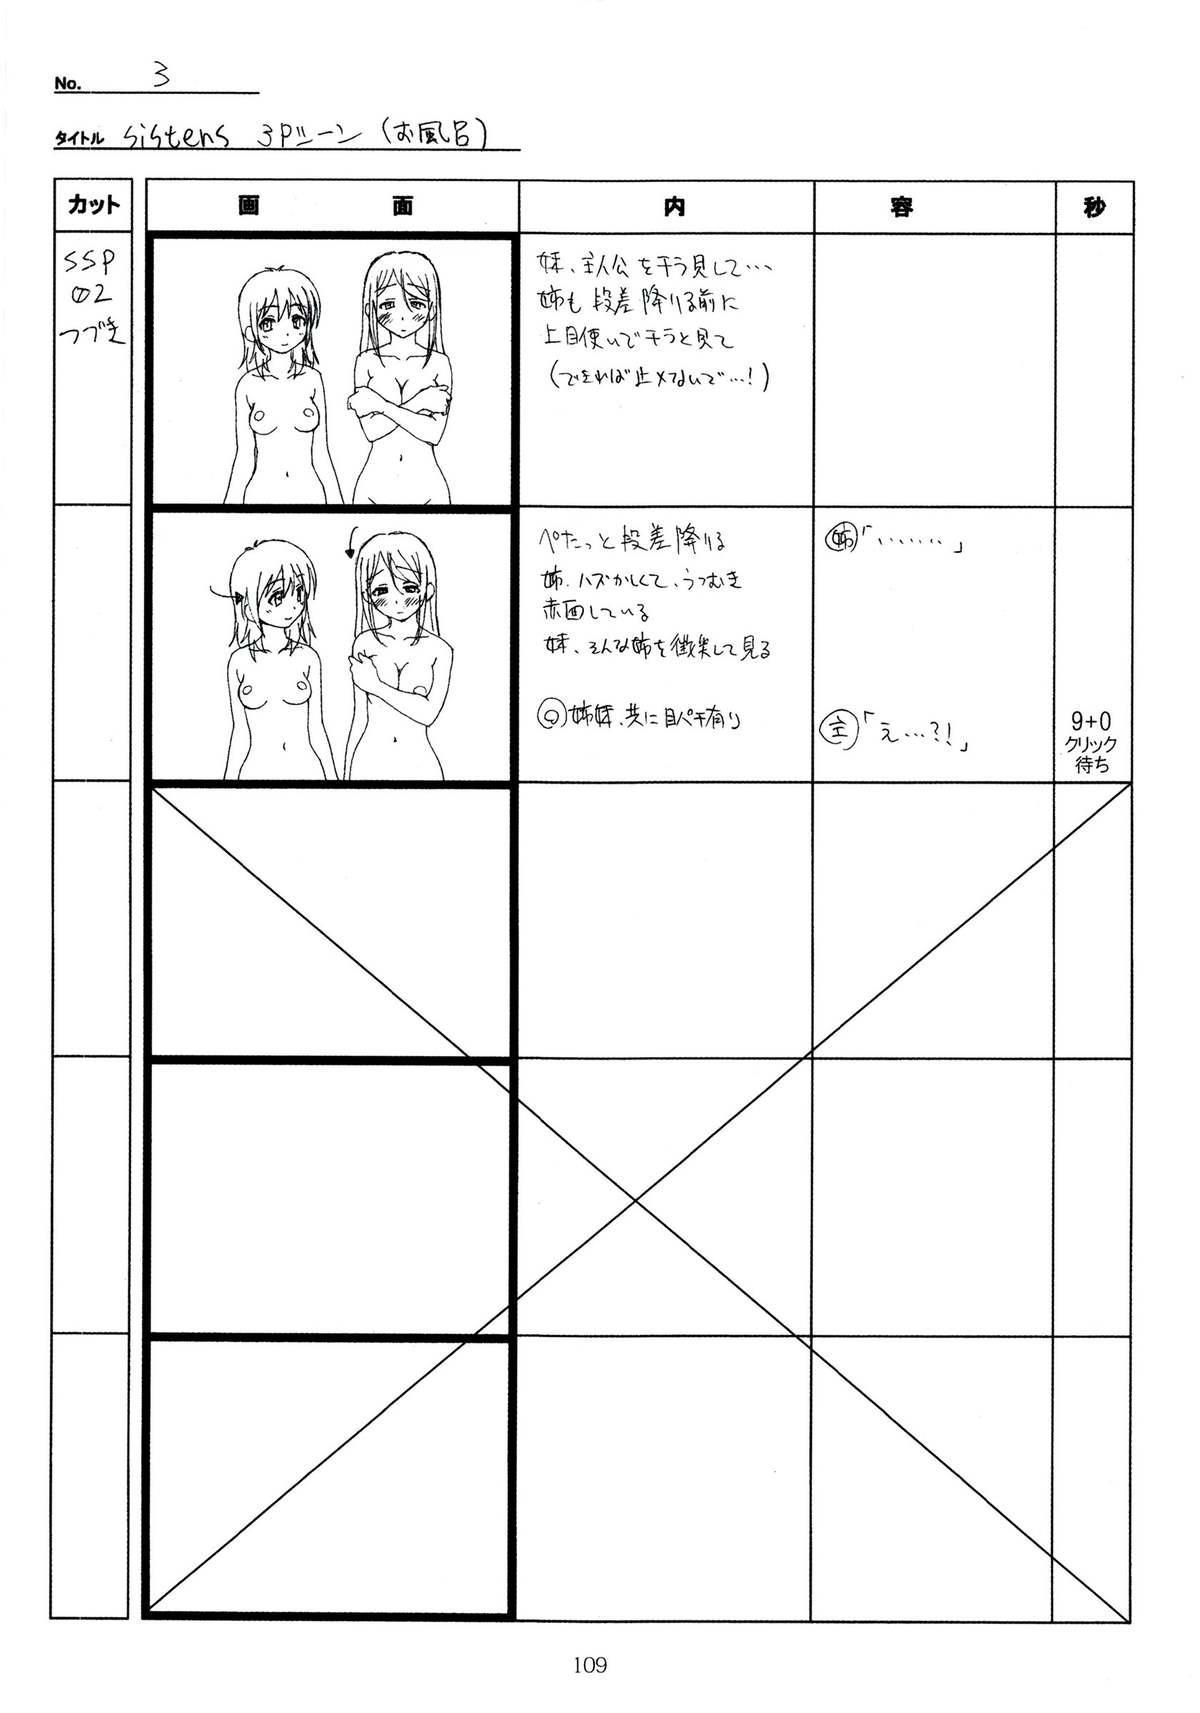 (C89) [Makino Jimusho (Taki Minashika)] SISTERS -Natsu no Saigo no Hi- H Scene All Part Storyboard (SISTERS -Natsu no Saigo no Hi-) 108